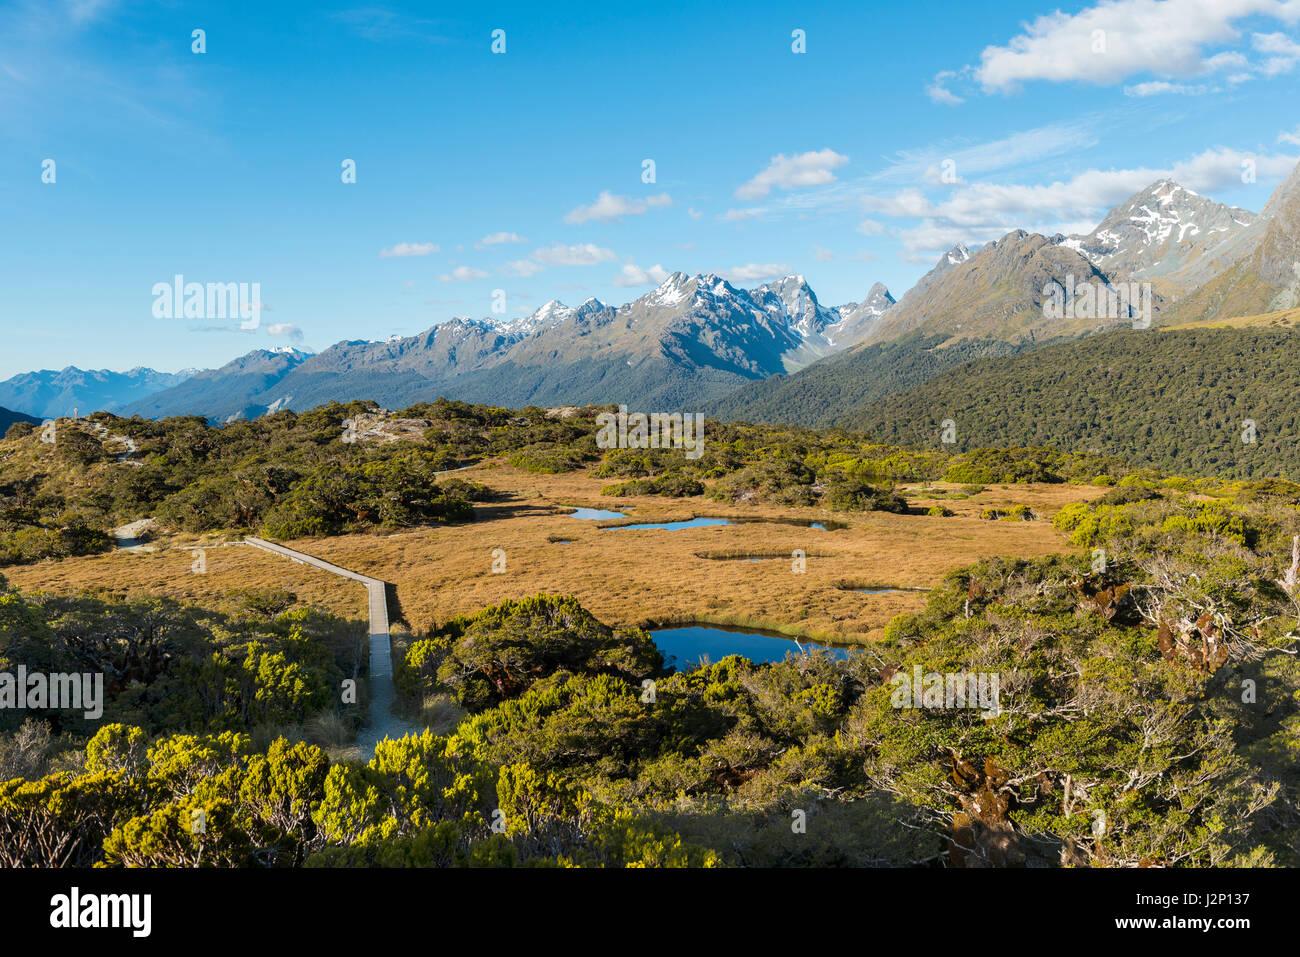 Ansicht der kleine Bergsee und Ailsa Berge, Key Summit Track, Fjordland National Park, Southland Region, Neuseeland Stockbild